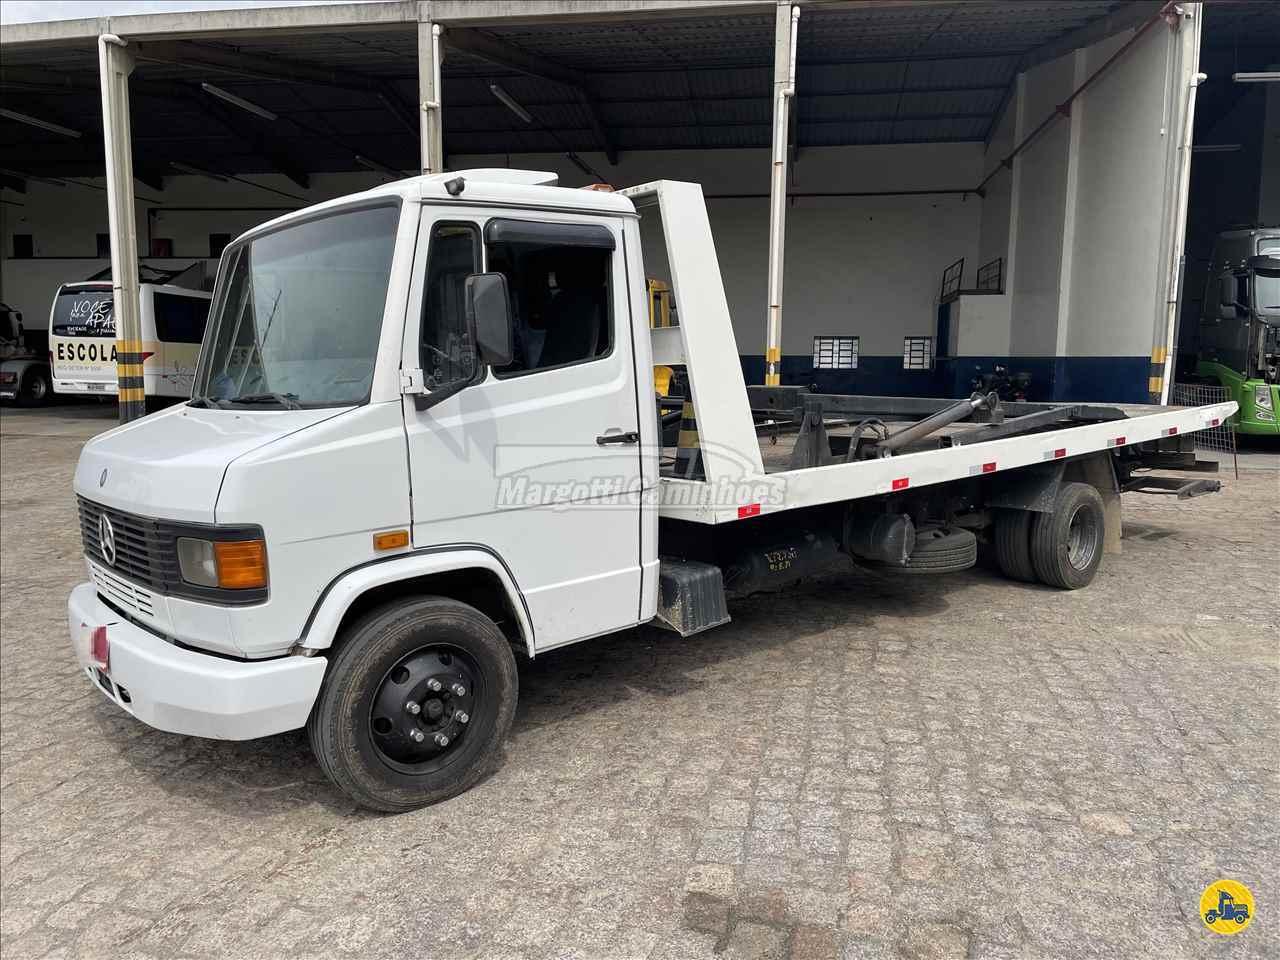 CAMINHAO MERCEDES-BENZ MB 710 Cegonha 3/4 4x2 Margotti Caminhões TUBARAO SANTA CATARINA SC